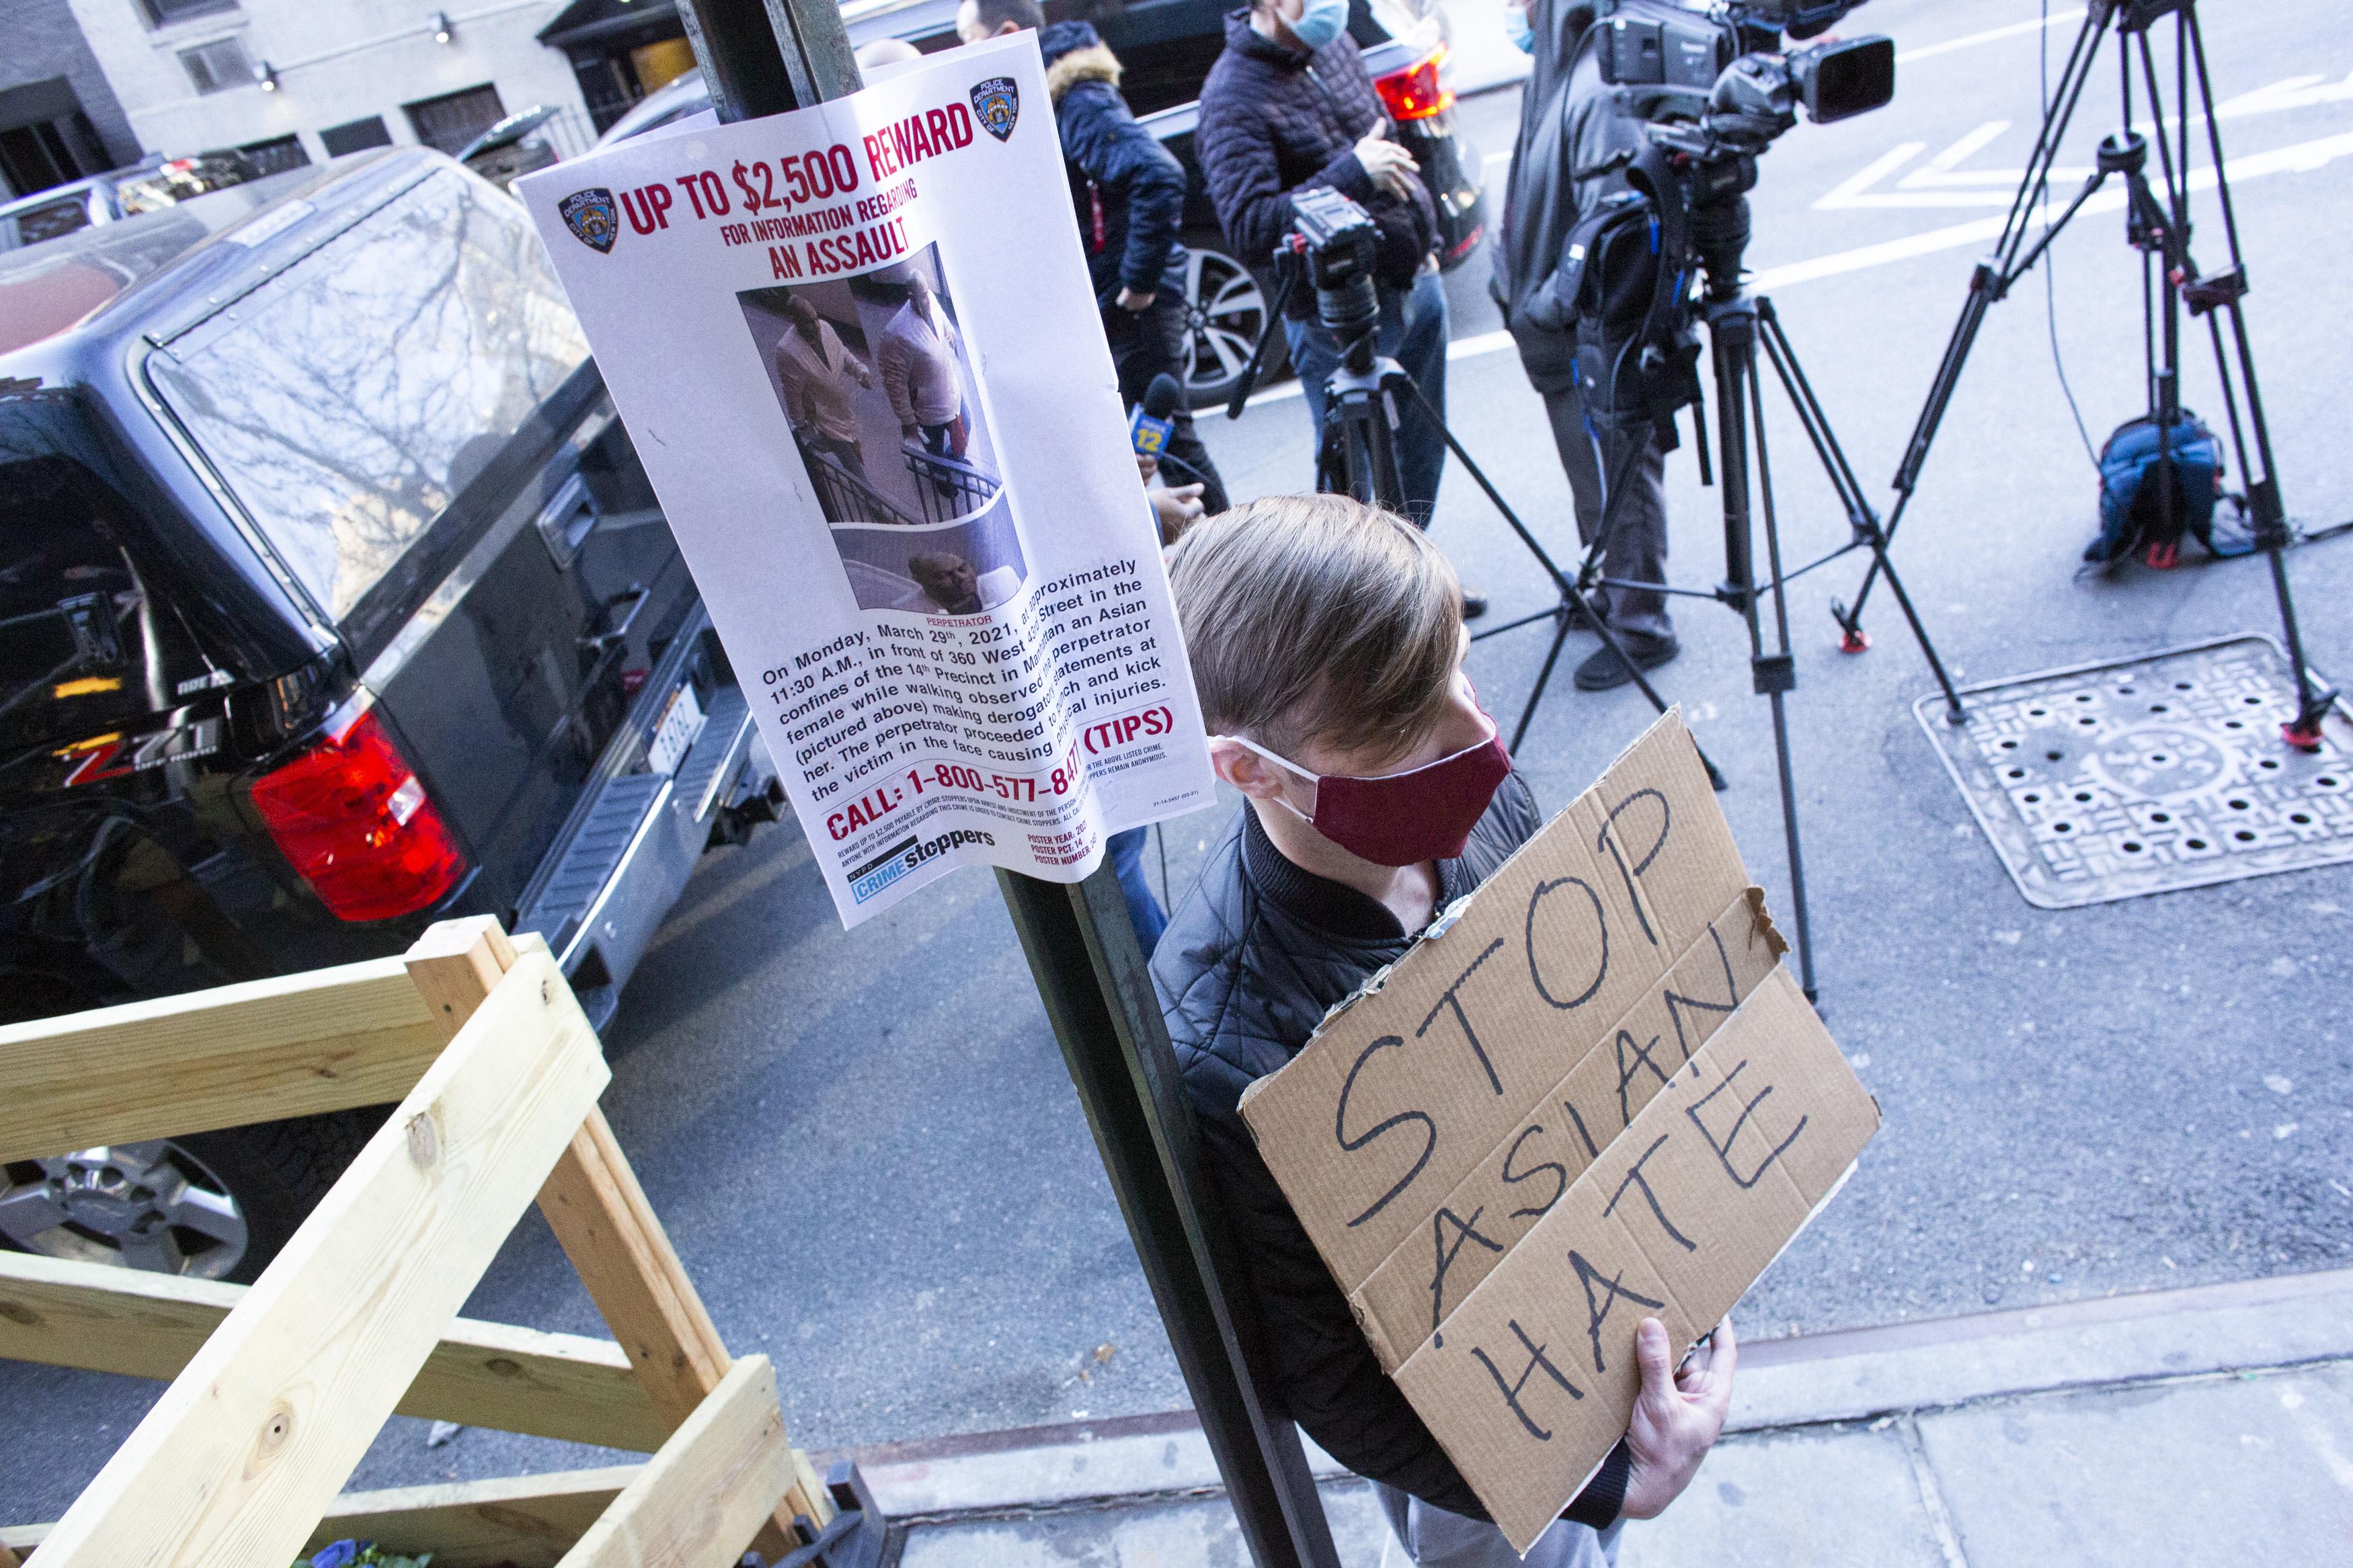 Un cartel de un sospechoso cuelga de un poste mientras un hombre sostiene un cartel después de una conferencia de prensa antiviolencia estadounidense de origen asiático el 30 de marzo de 2021, afuera del edificio donde una mujer asiática de 65 años fue atacada en Nueva York.